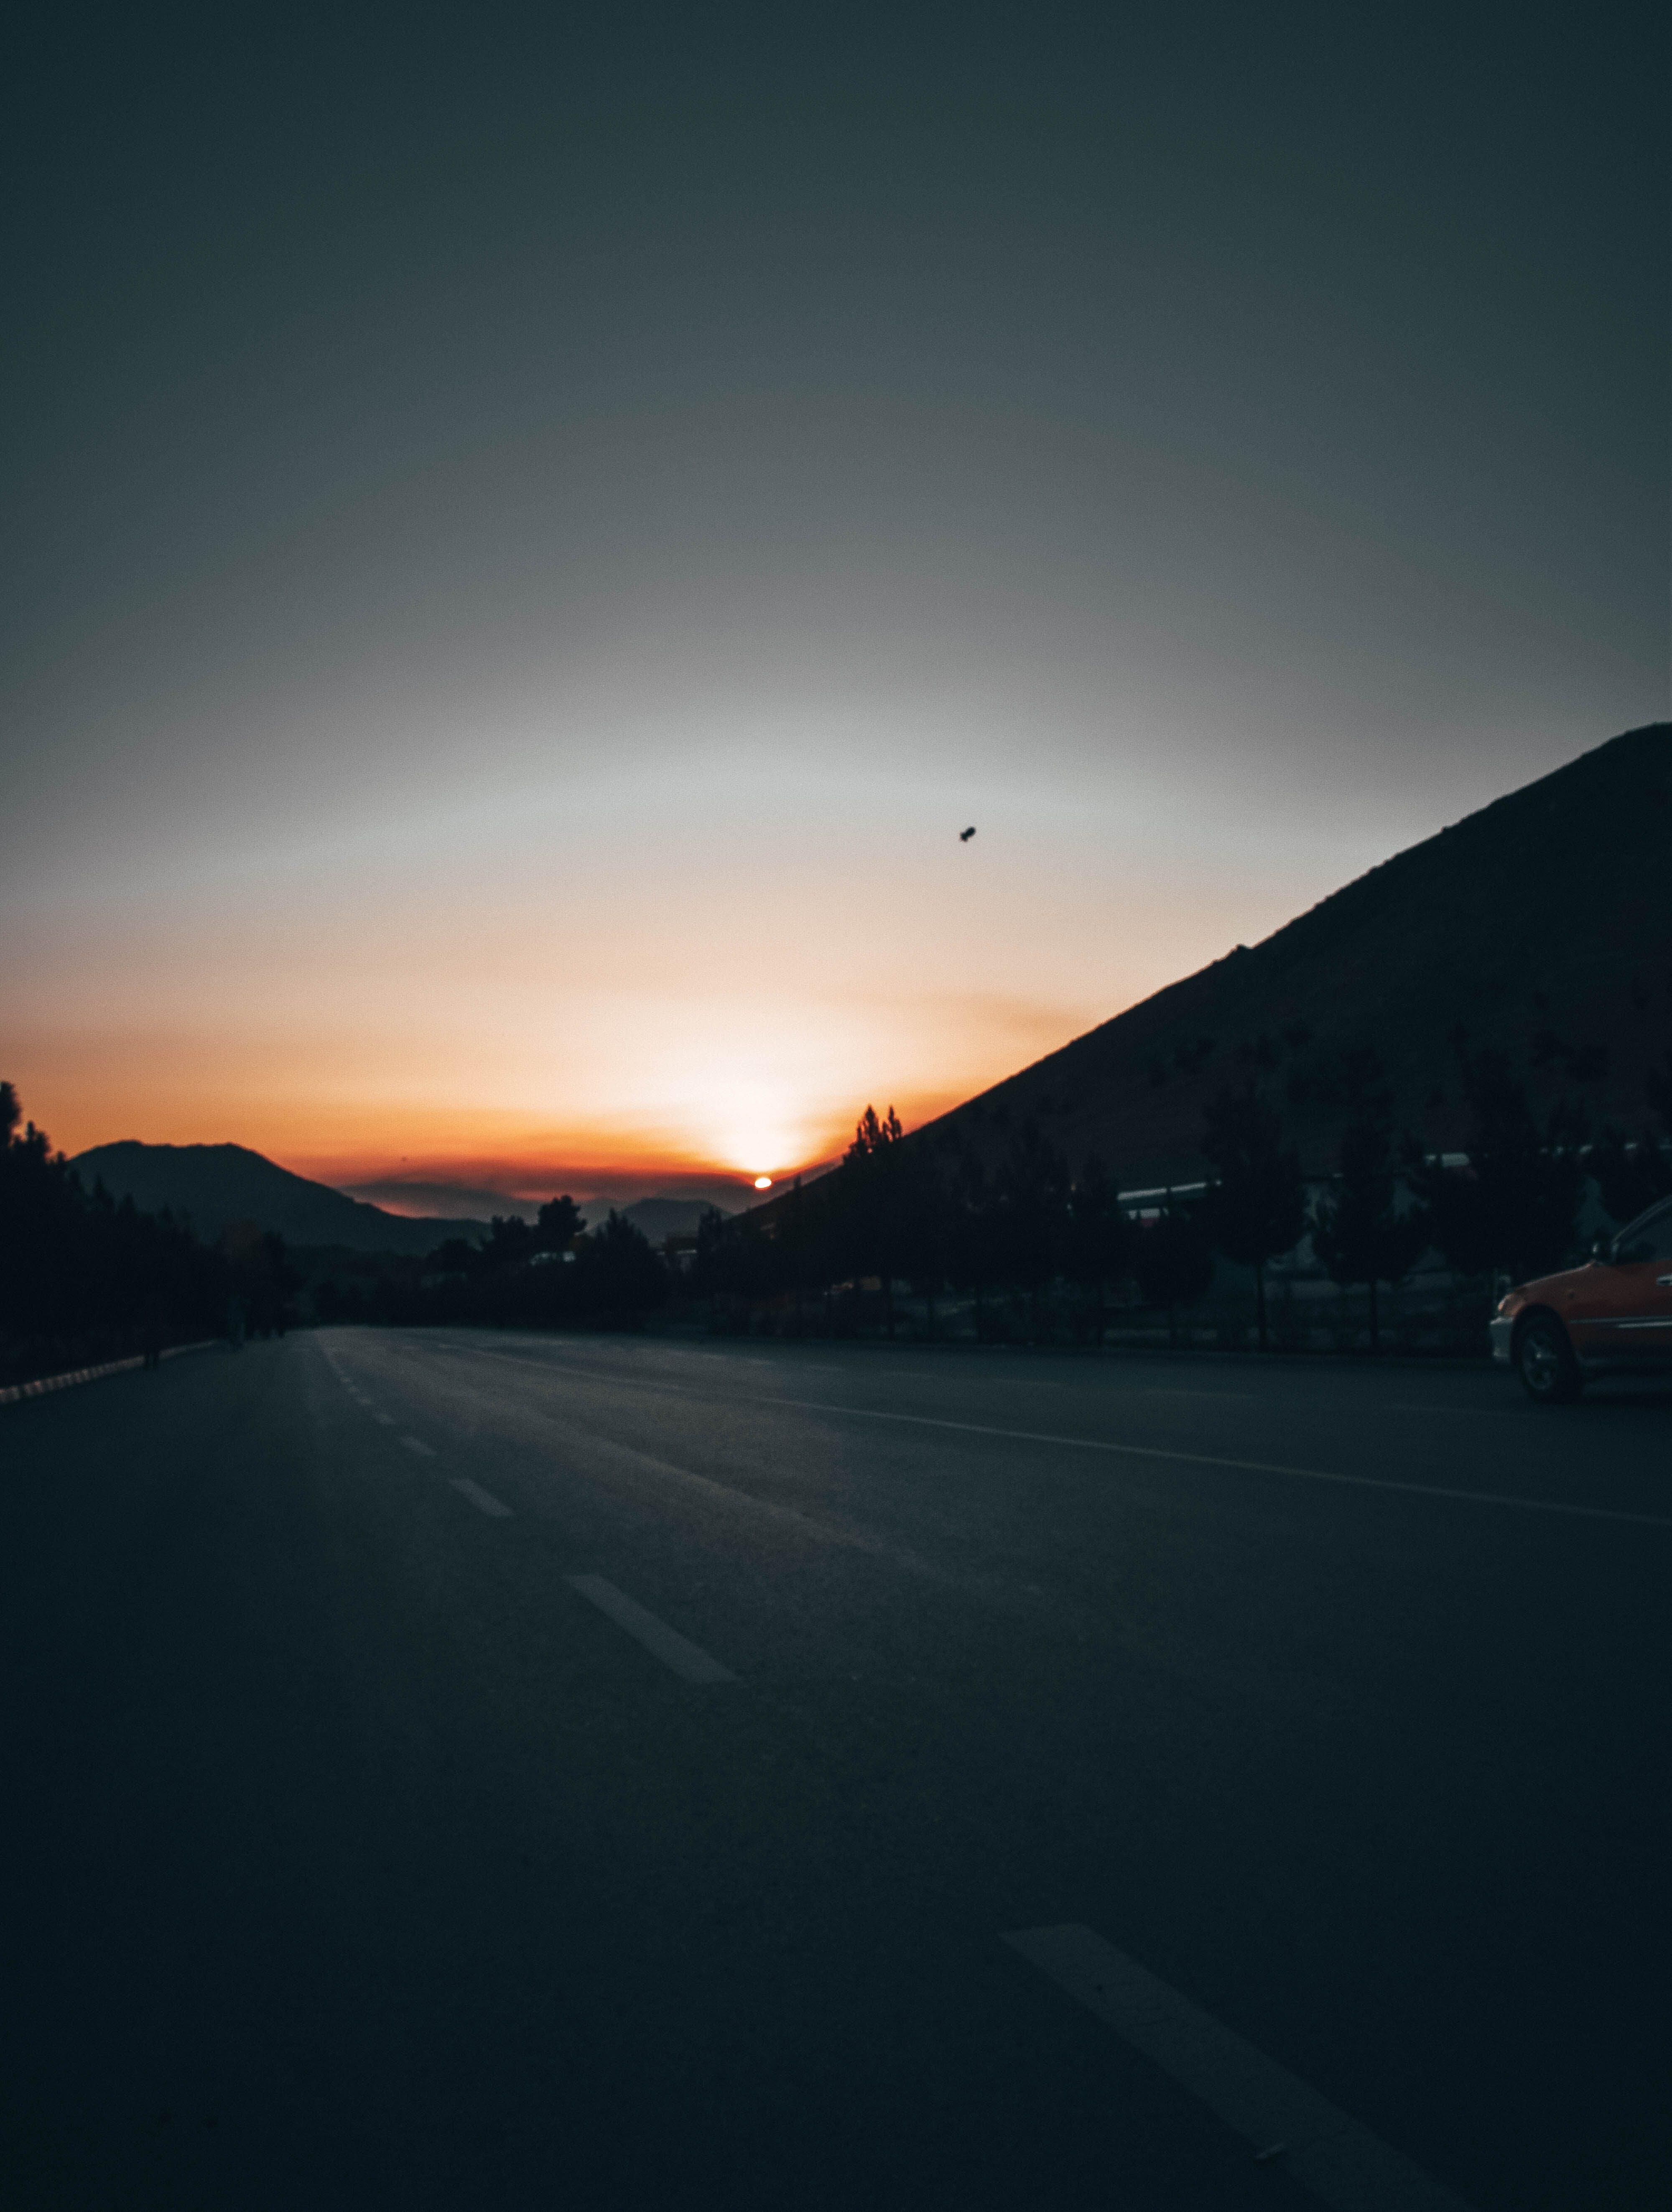 Empty Road Under Golden Hour